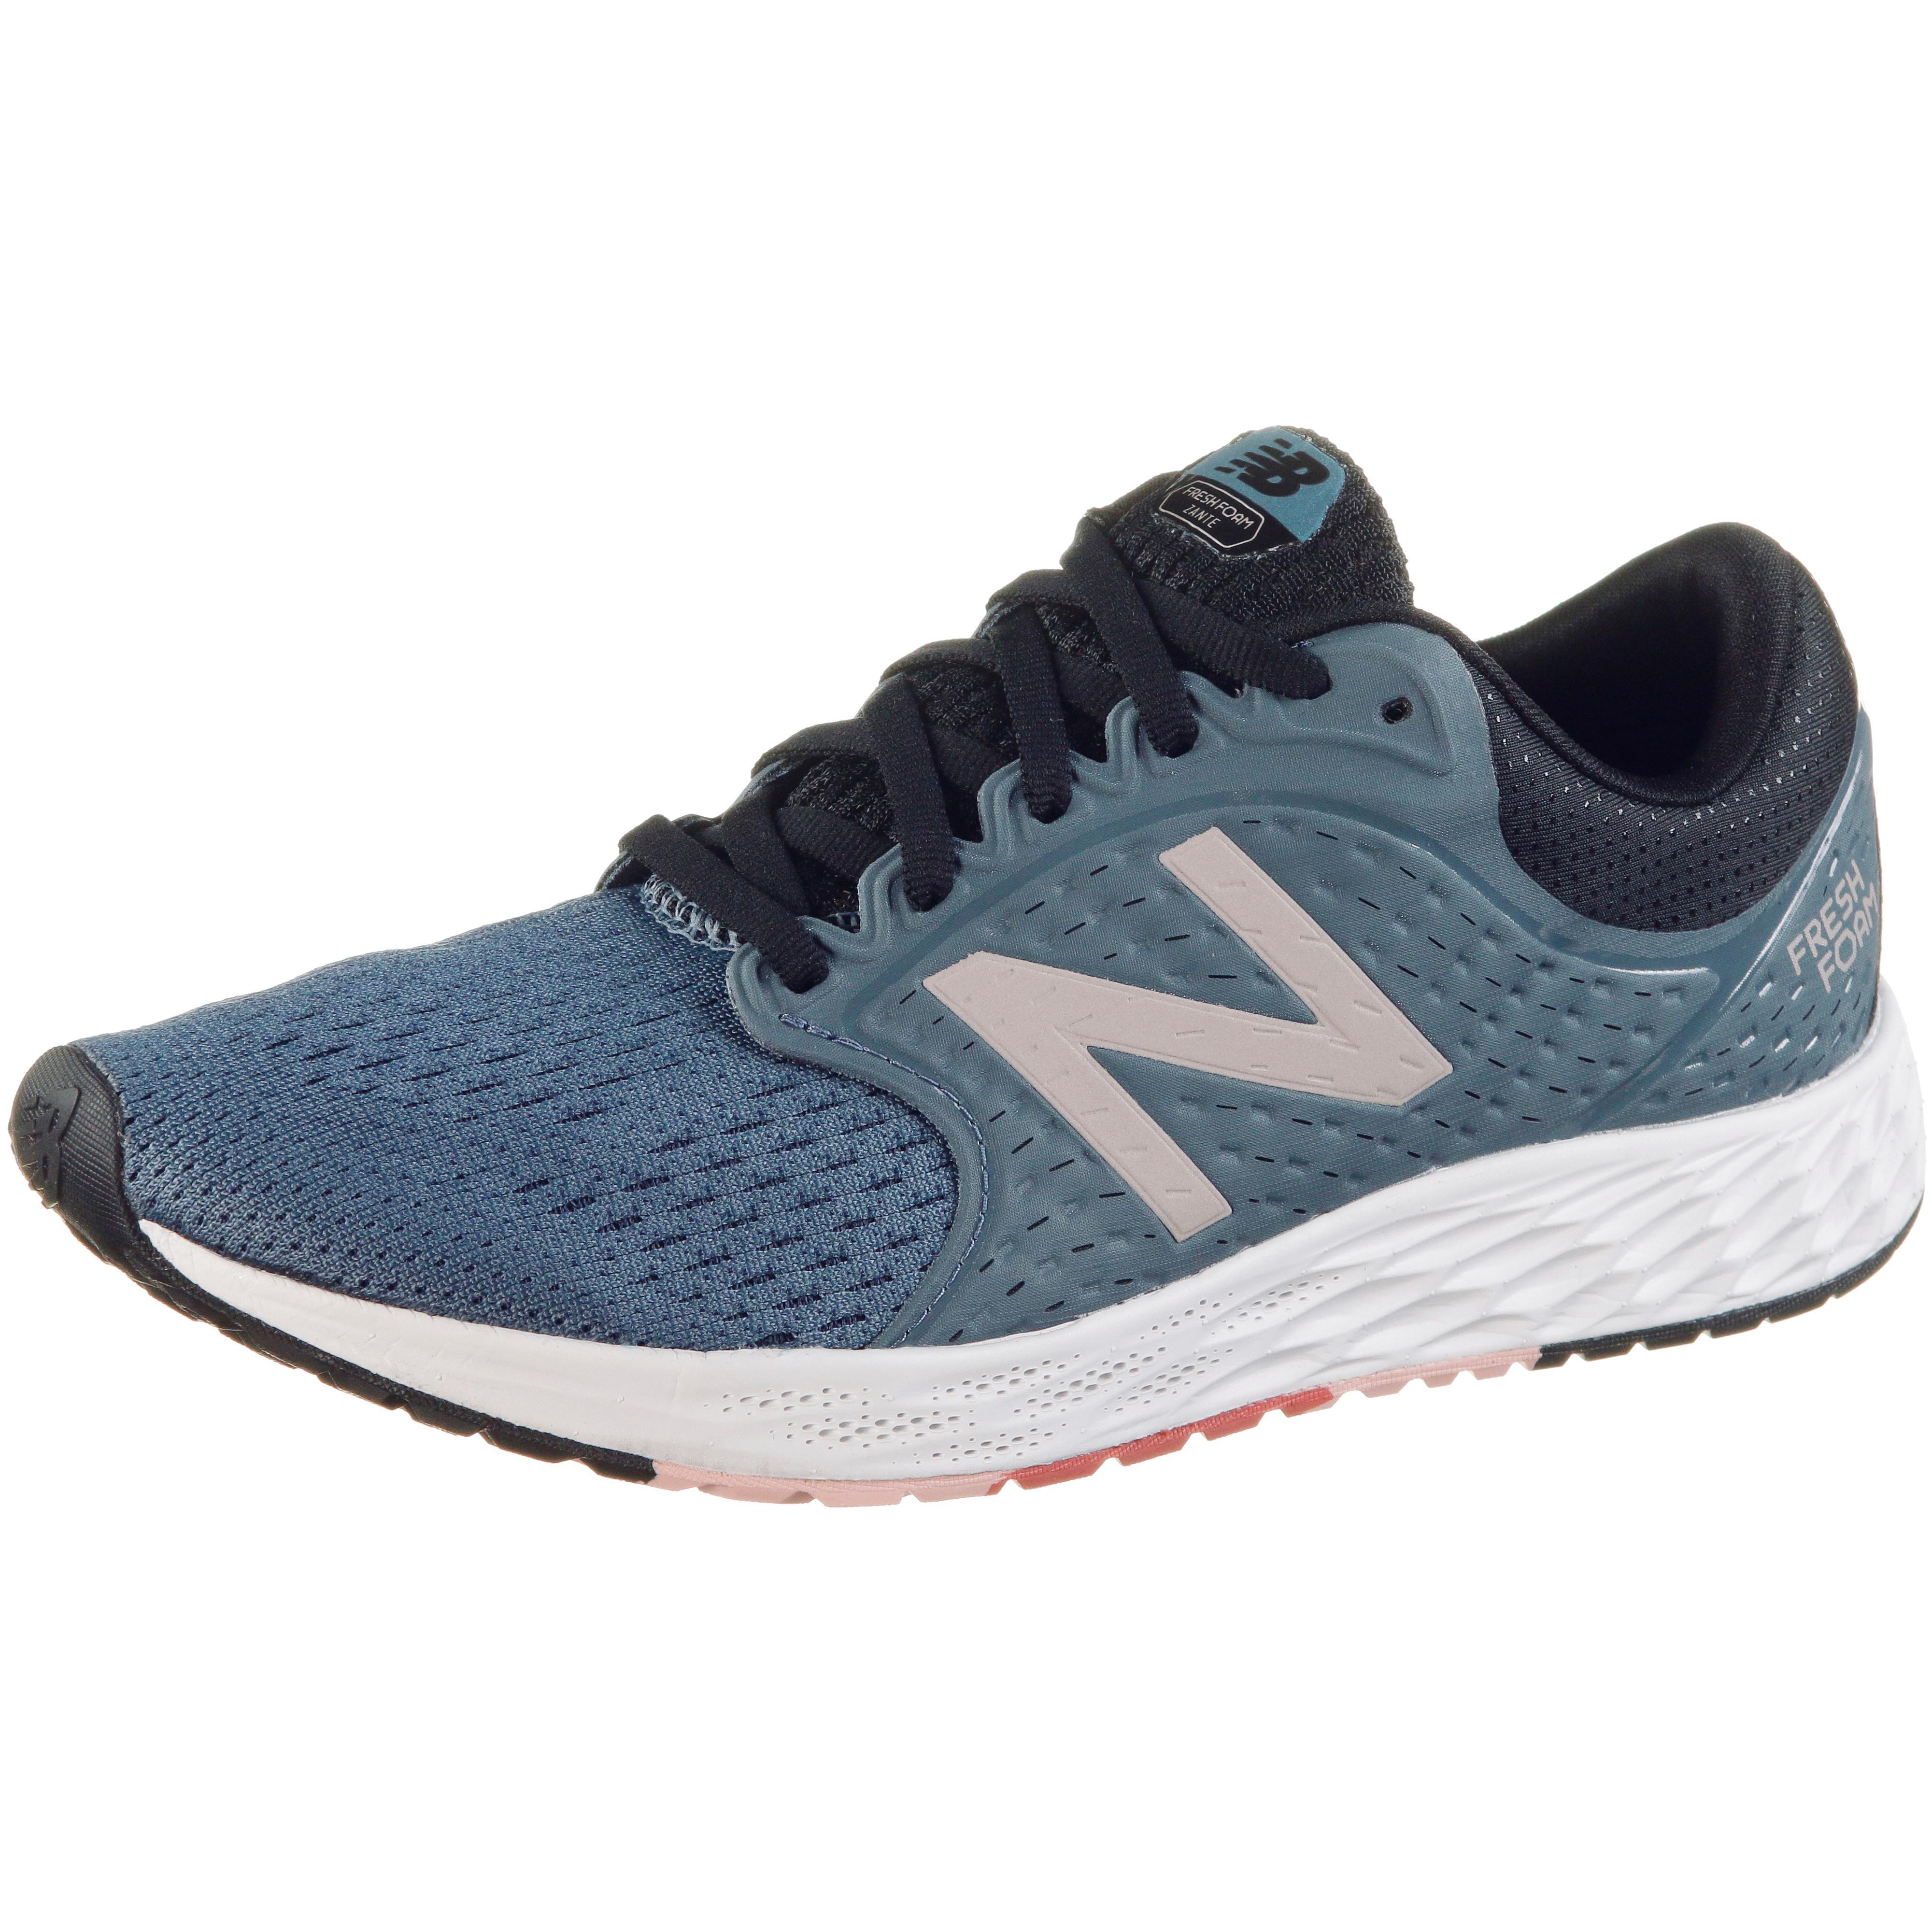 NEW BALANCE Fresh Foam Zante v4 Laufschuhe Damen blue im Online Shop von  SportScheck kaufen